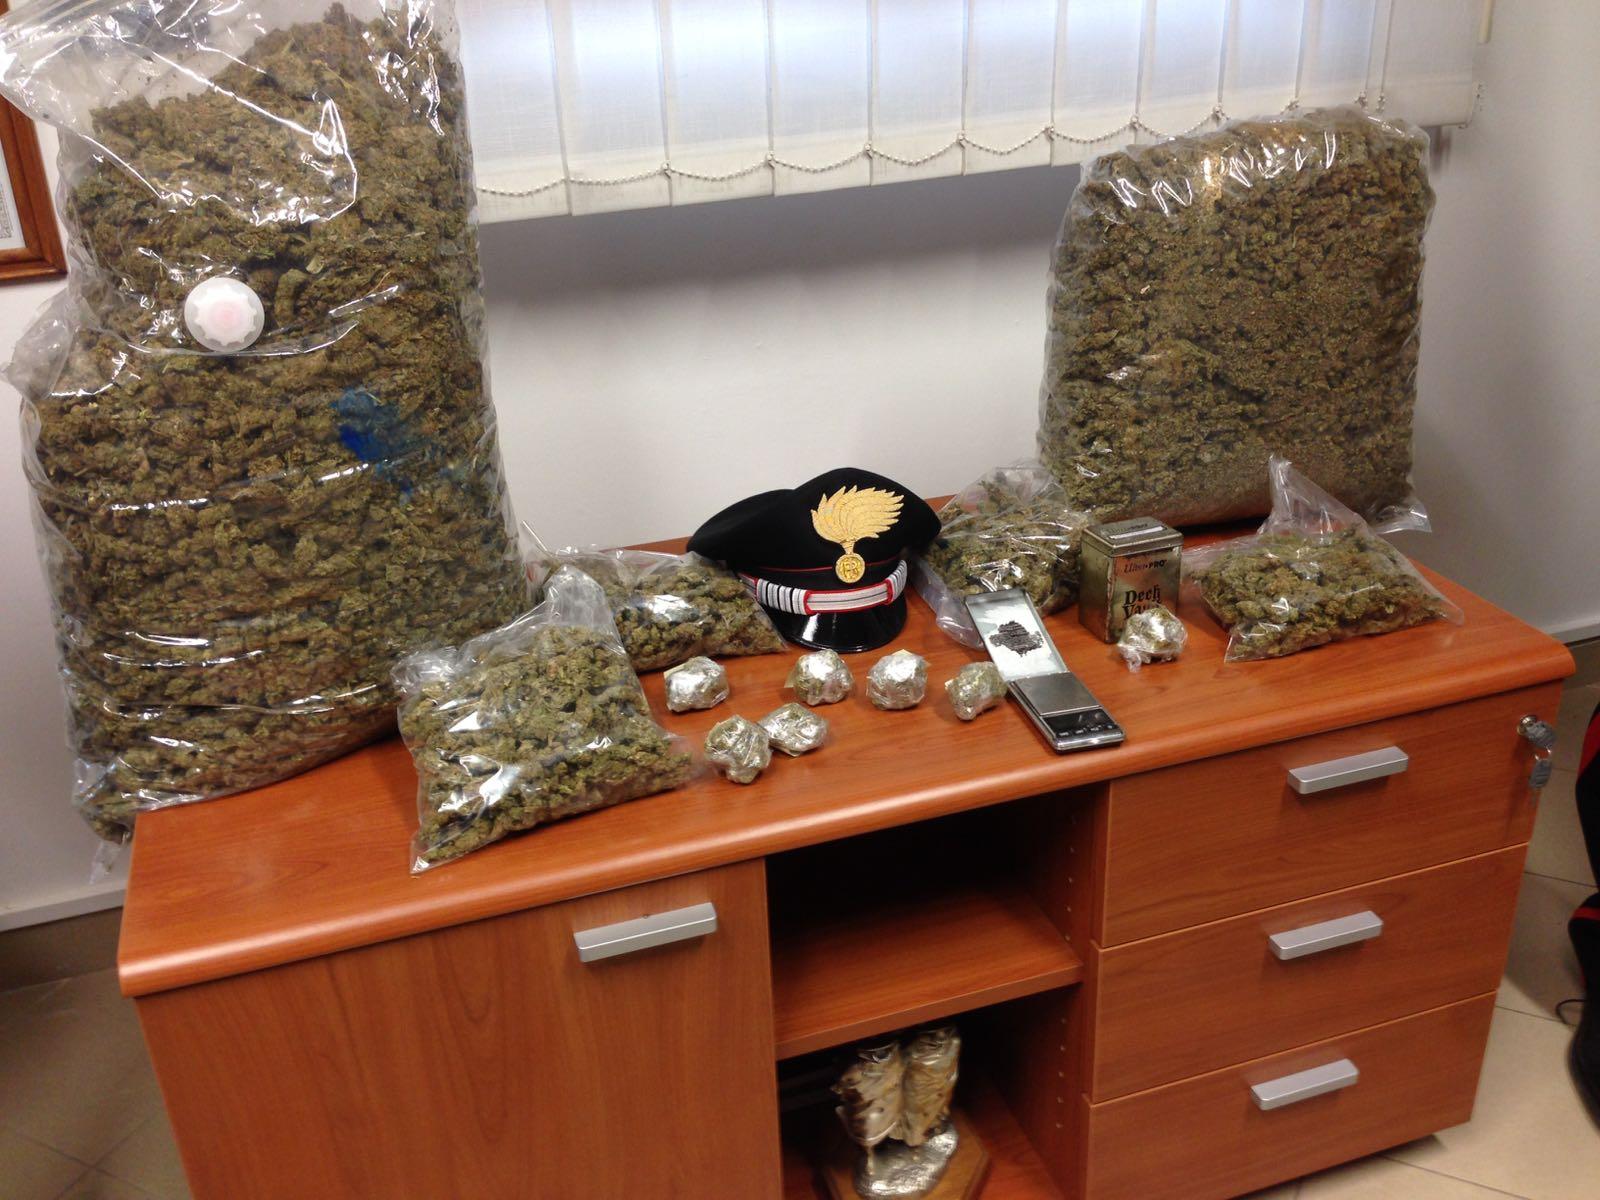 Dieci chili di marijuana: arrestati fratelli e fidanzata insospettabili